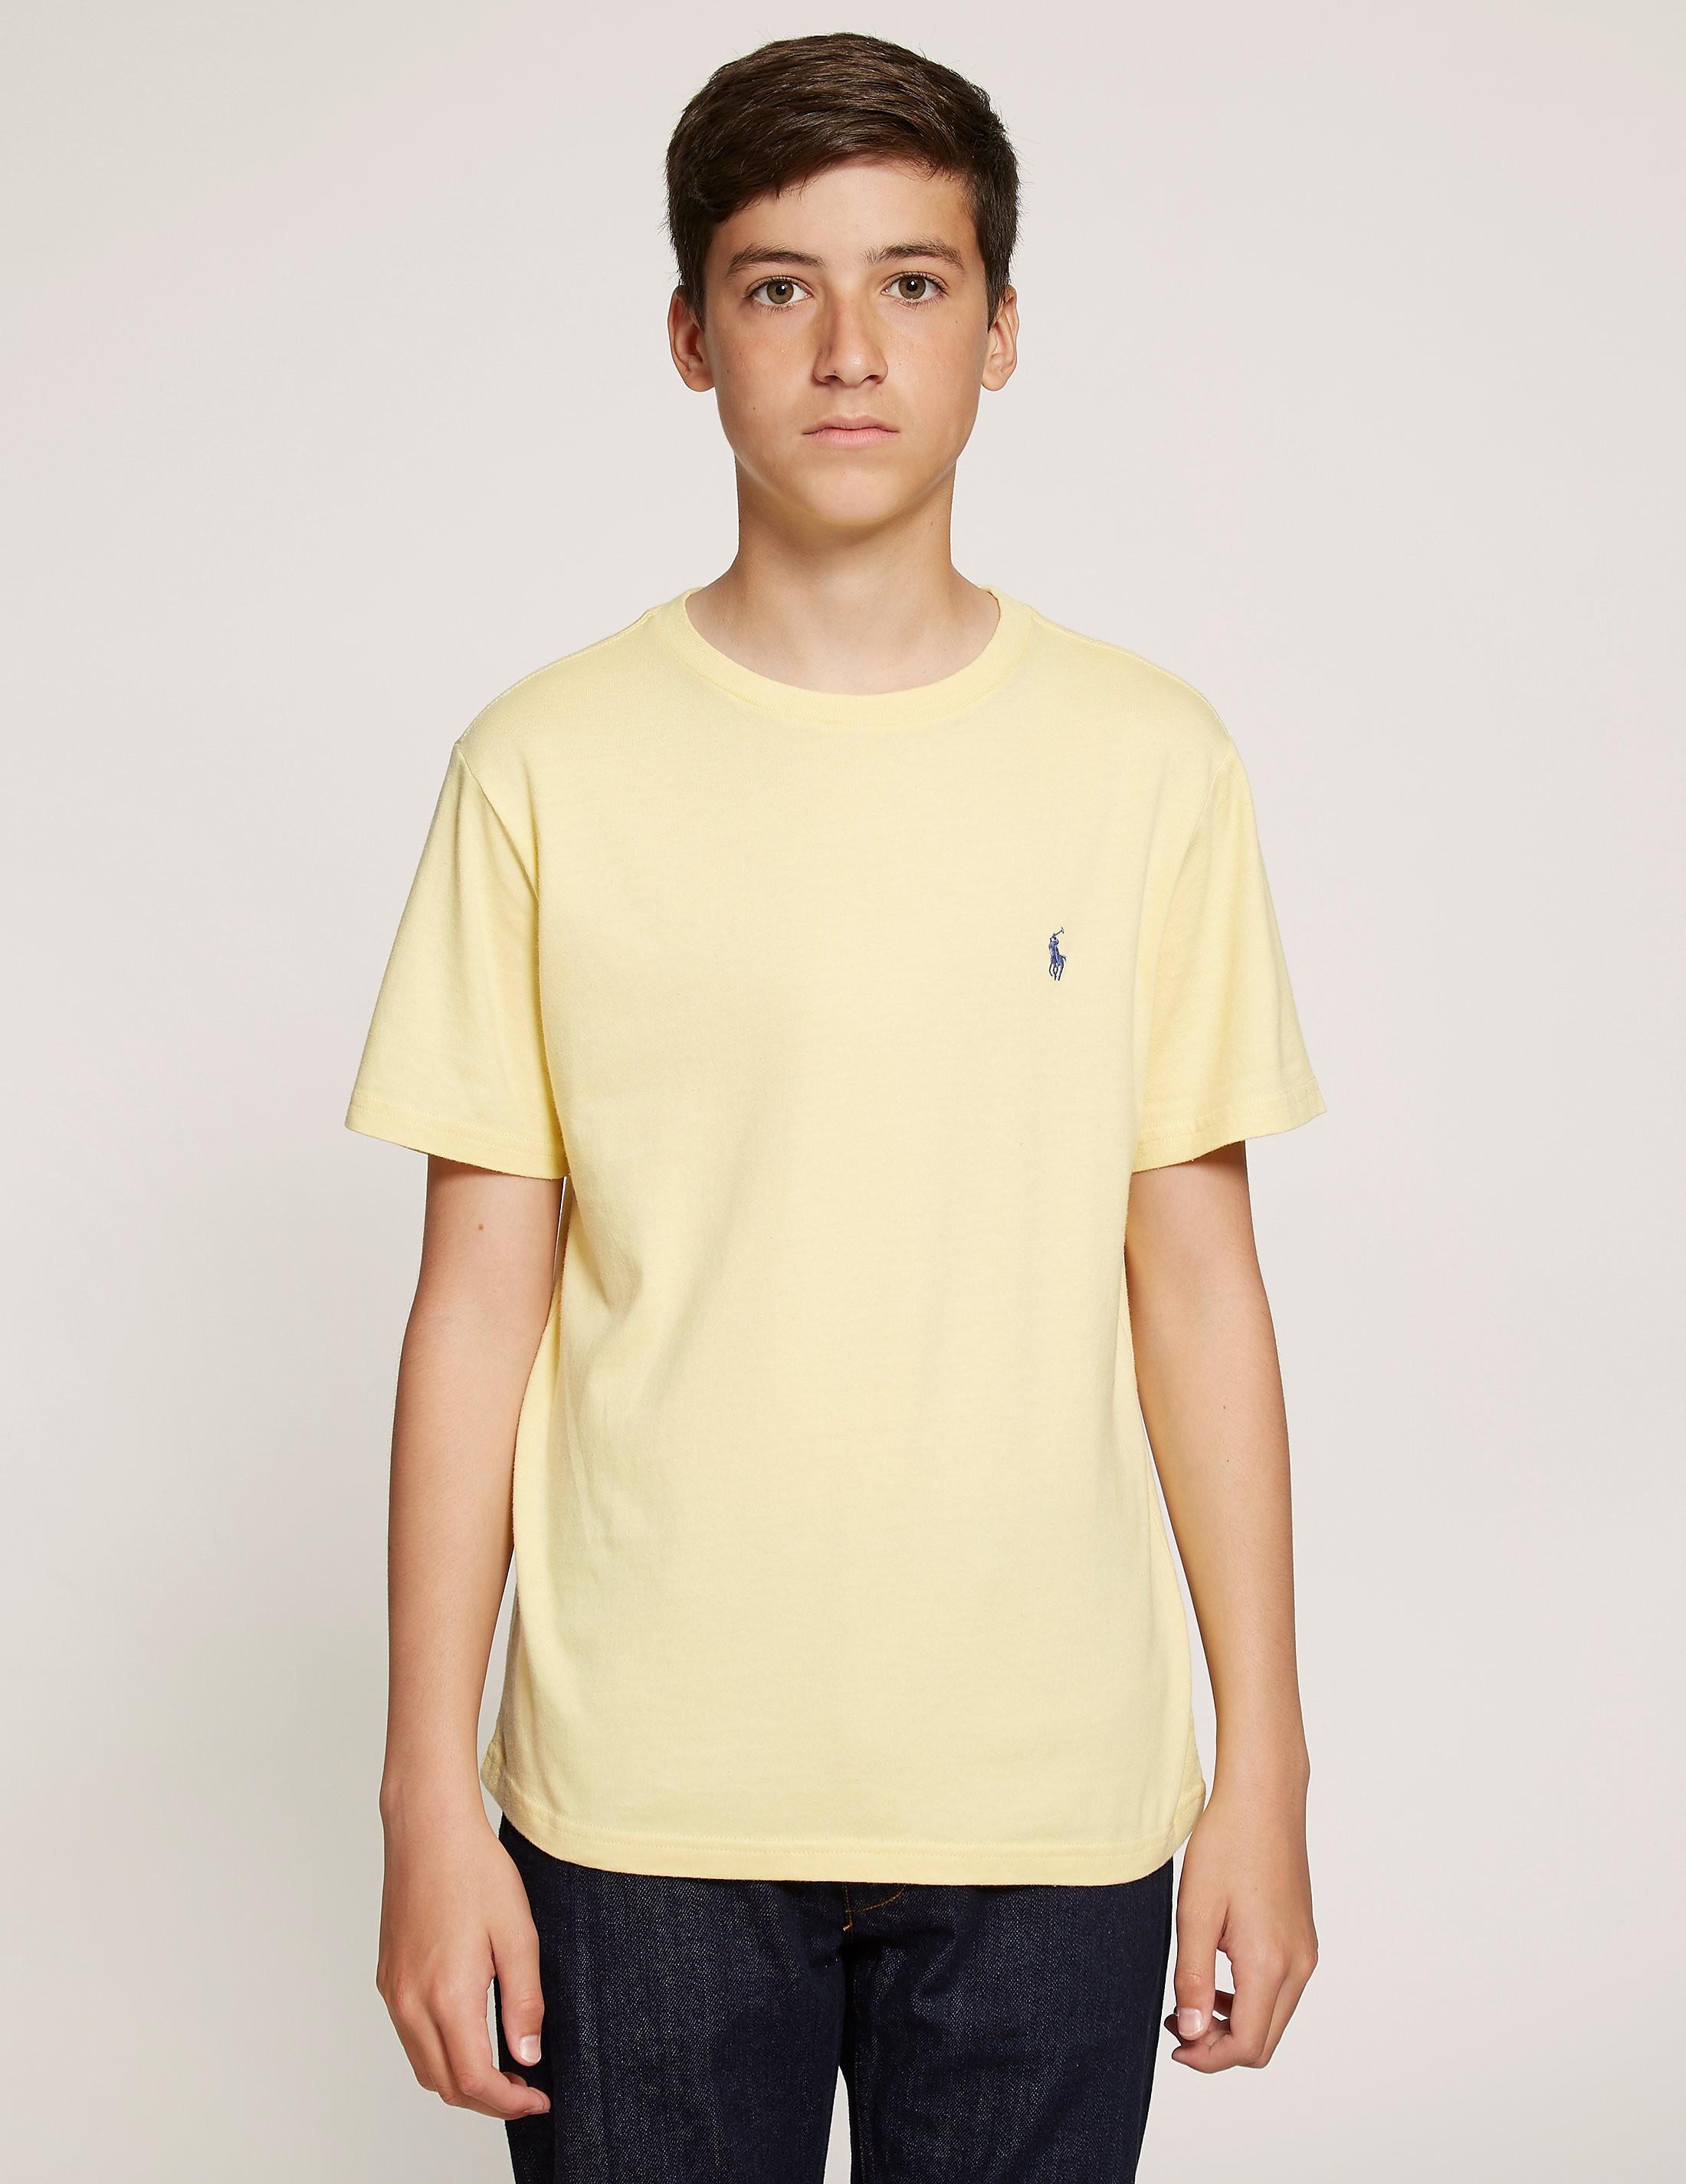 Polo Ralph Lauren Cotton Jersey Crew Short Sleeve T-Shirt